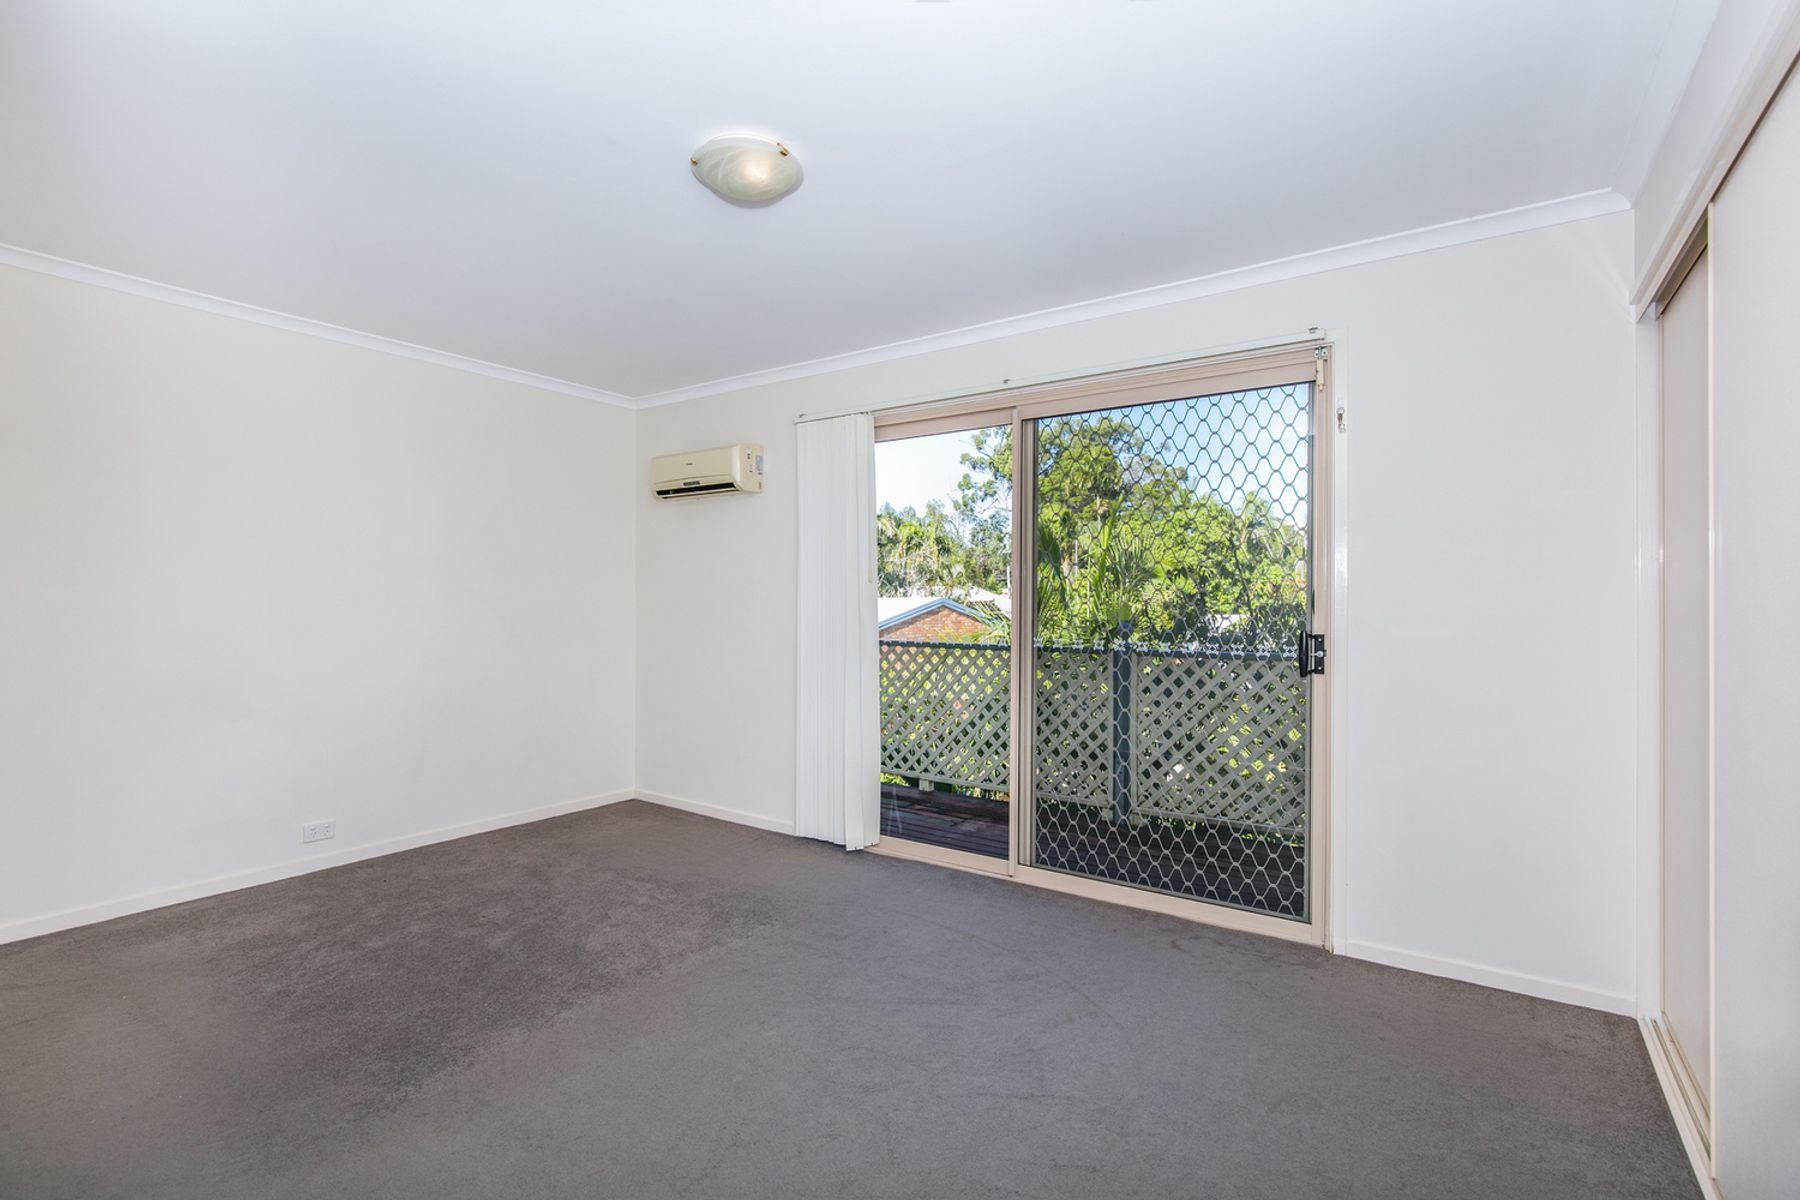 44/8 Briggs Street, Springwood, QLD 4127